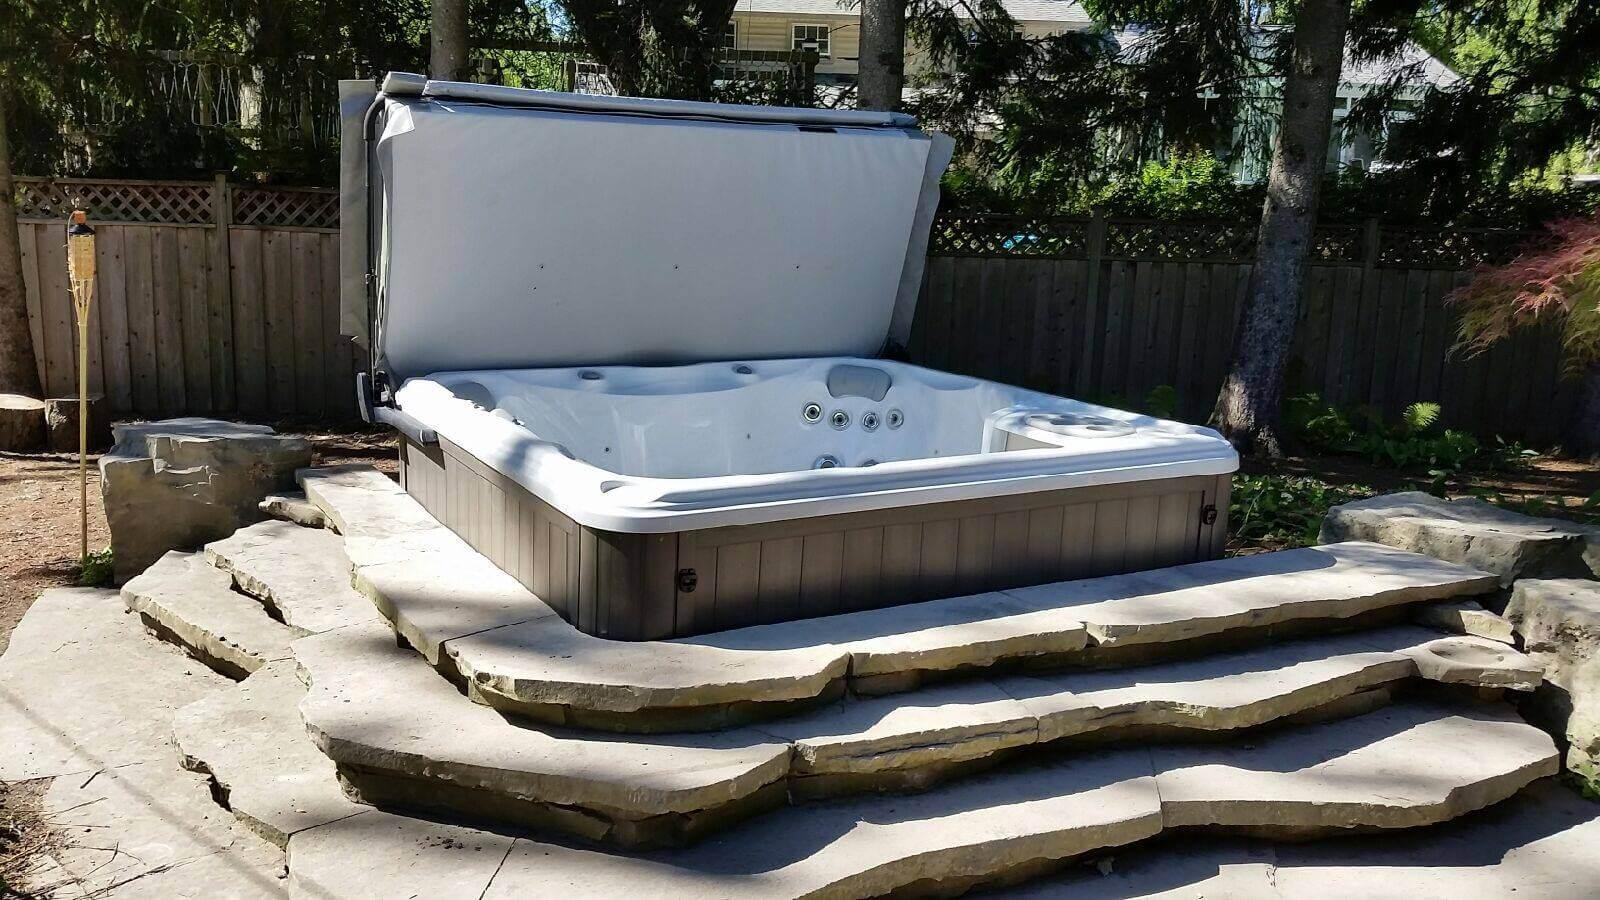 Foto idei de instalare jacuzzi exterior in gradina - Jacuzzi spa exterior ...